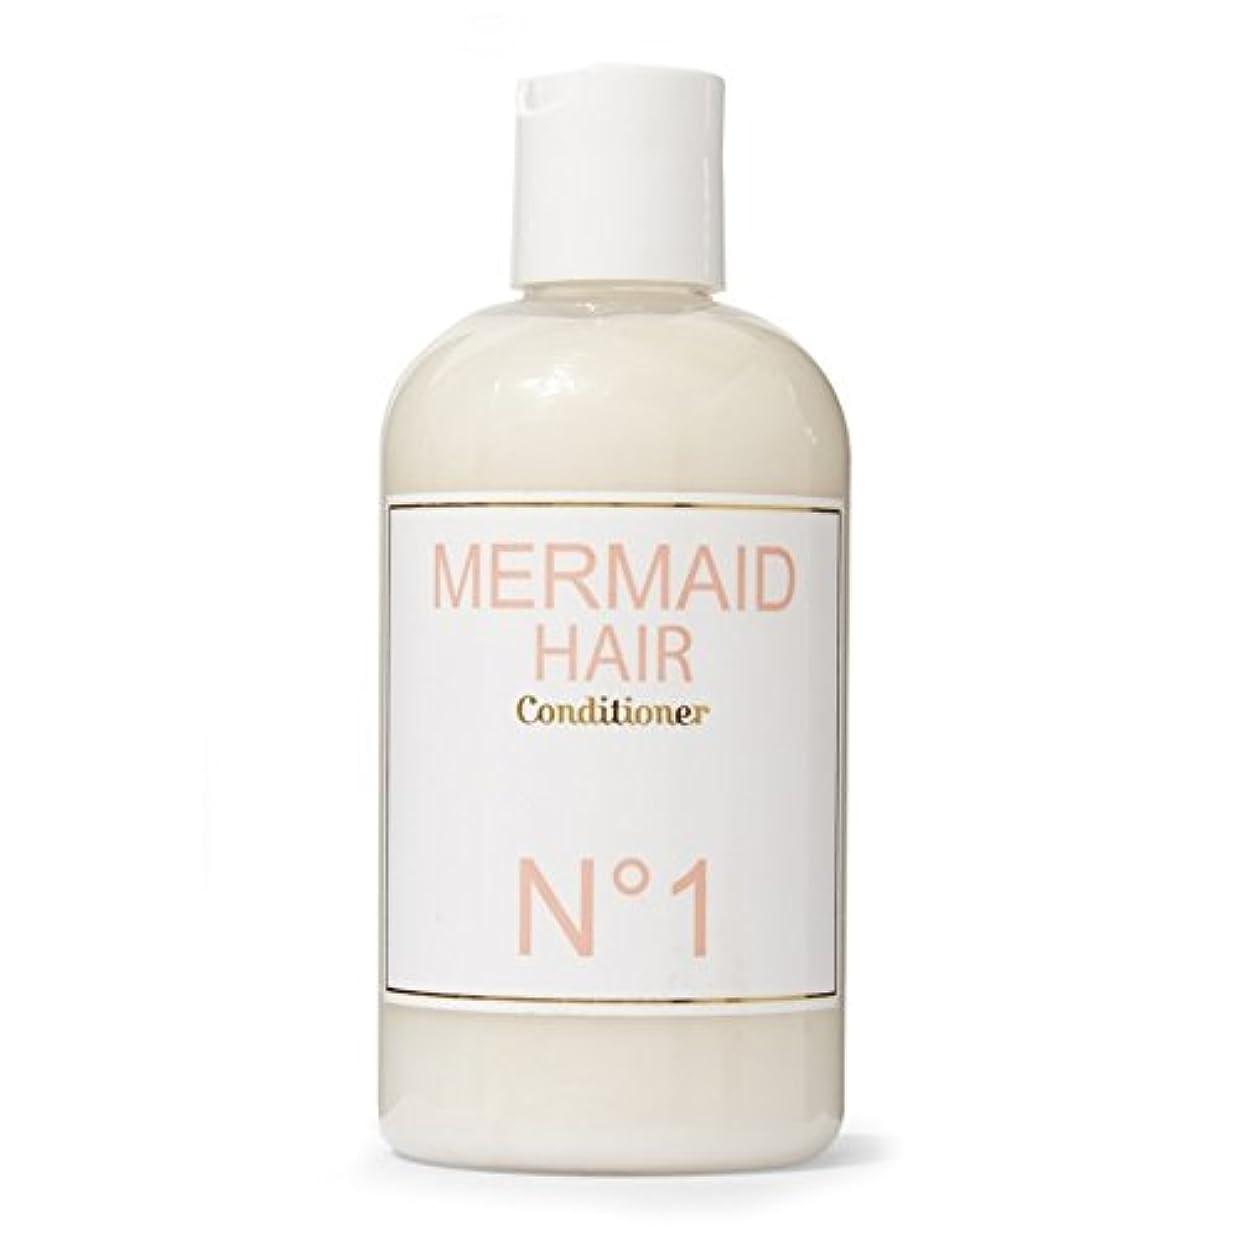 音楽を聴くあまりにもスペクトラムMermaid Perfume Mermaid Conditioner 300ml (Pack of 6) - 人魚香水人魚コンディショナー300ミリリットル x6 [並行輸入品]